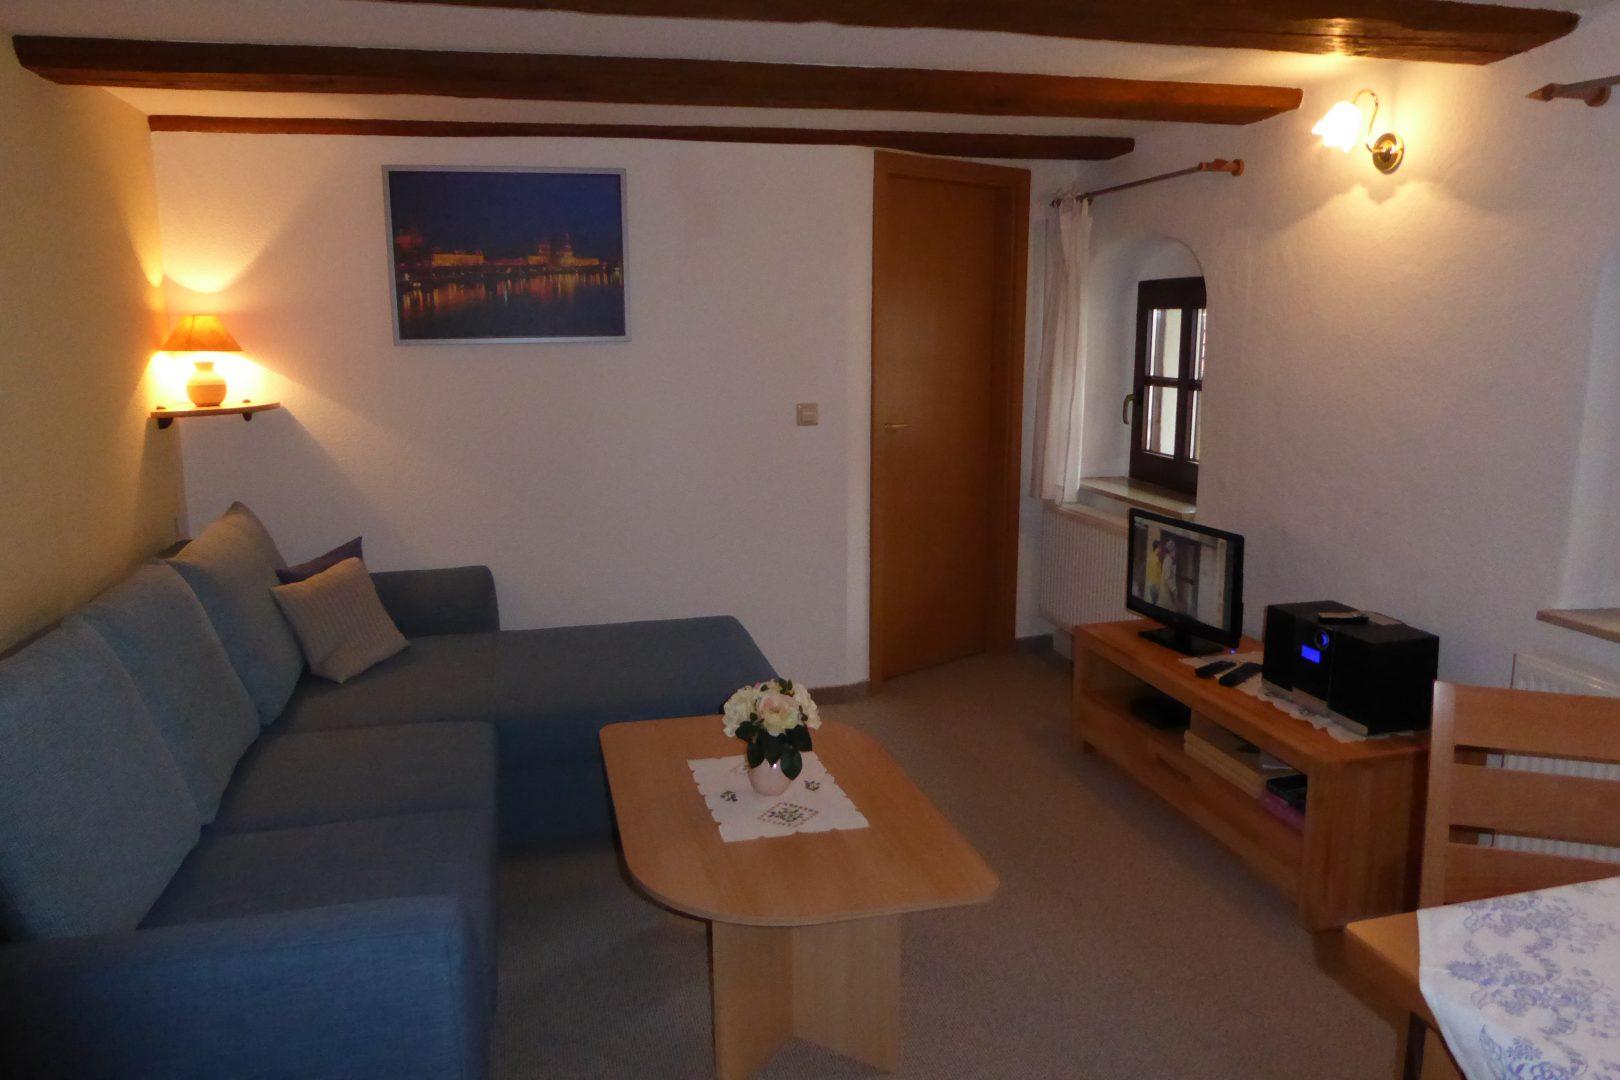 Wohnraum mit TV & Küchenecke - gr. FeWo